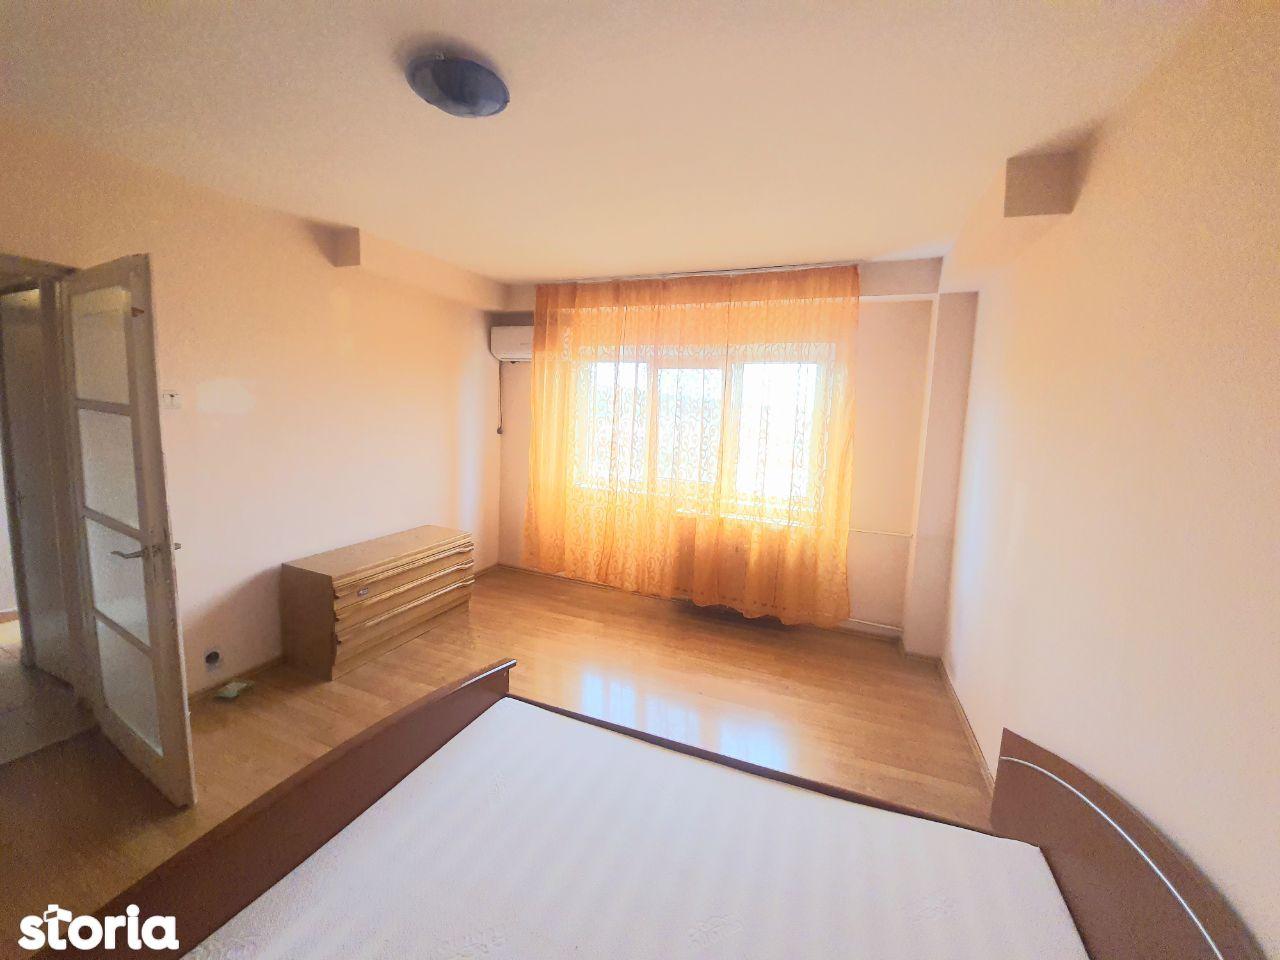 Pacurari ( Moara de Foc - Lidl) apartament 1 camera de inchiriat